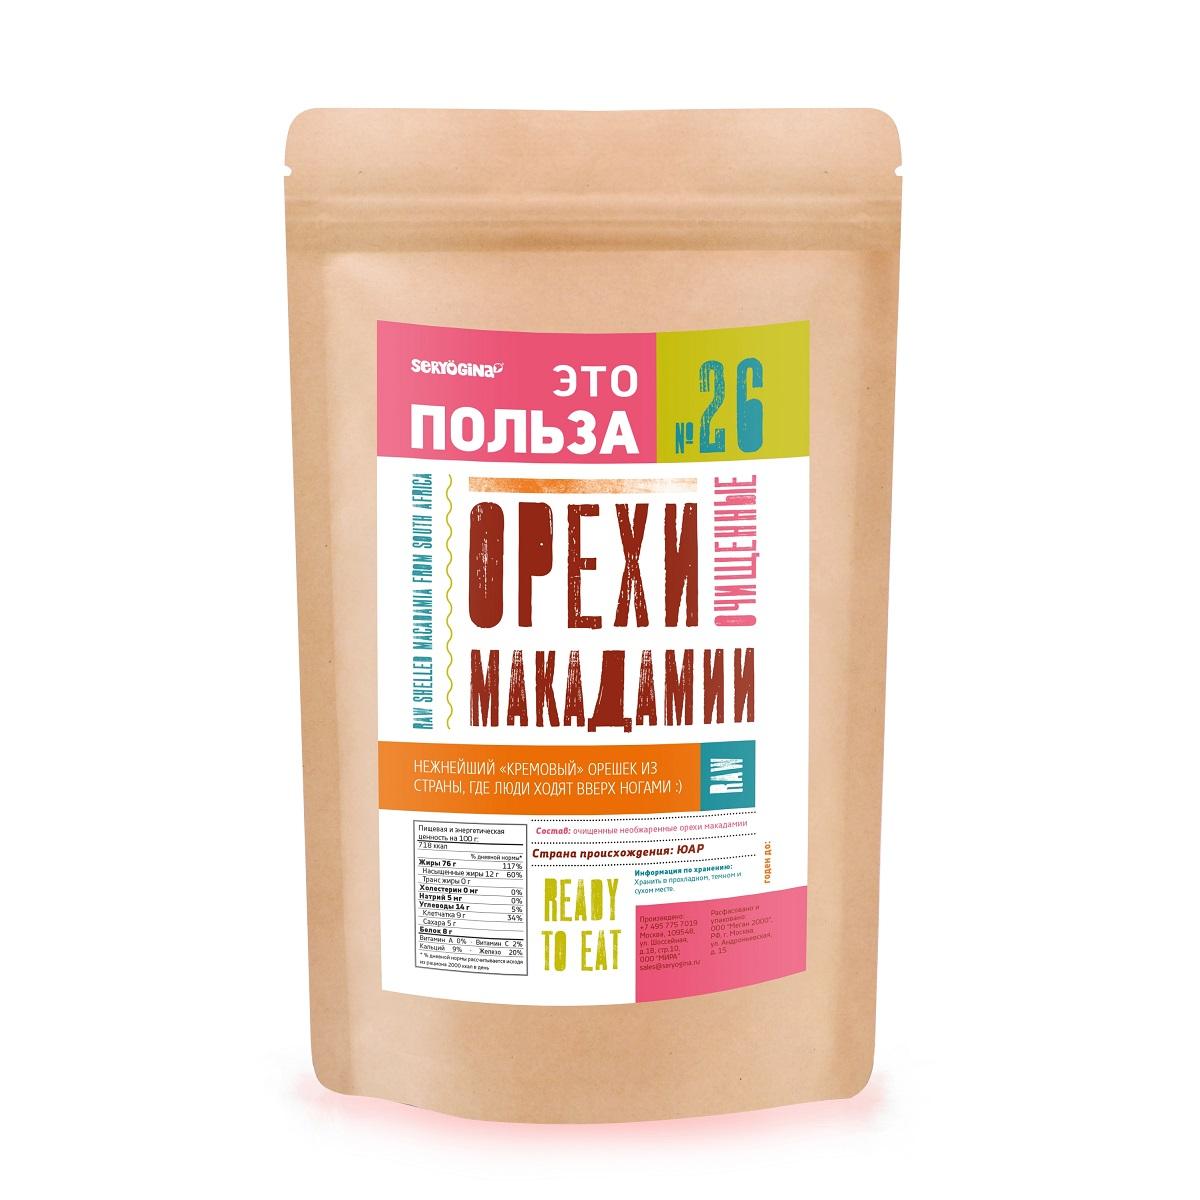 Seryogina Орех макадамии очищенный, 100 г0120710Уникальные орешки помогут при мигренях и придадут сил.